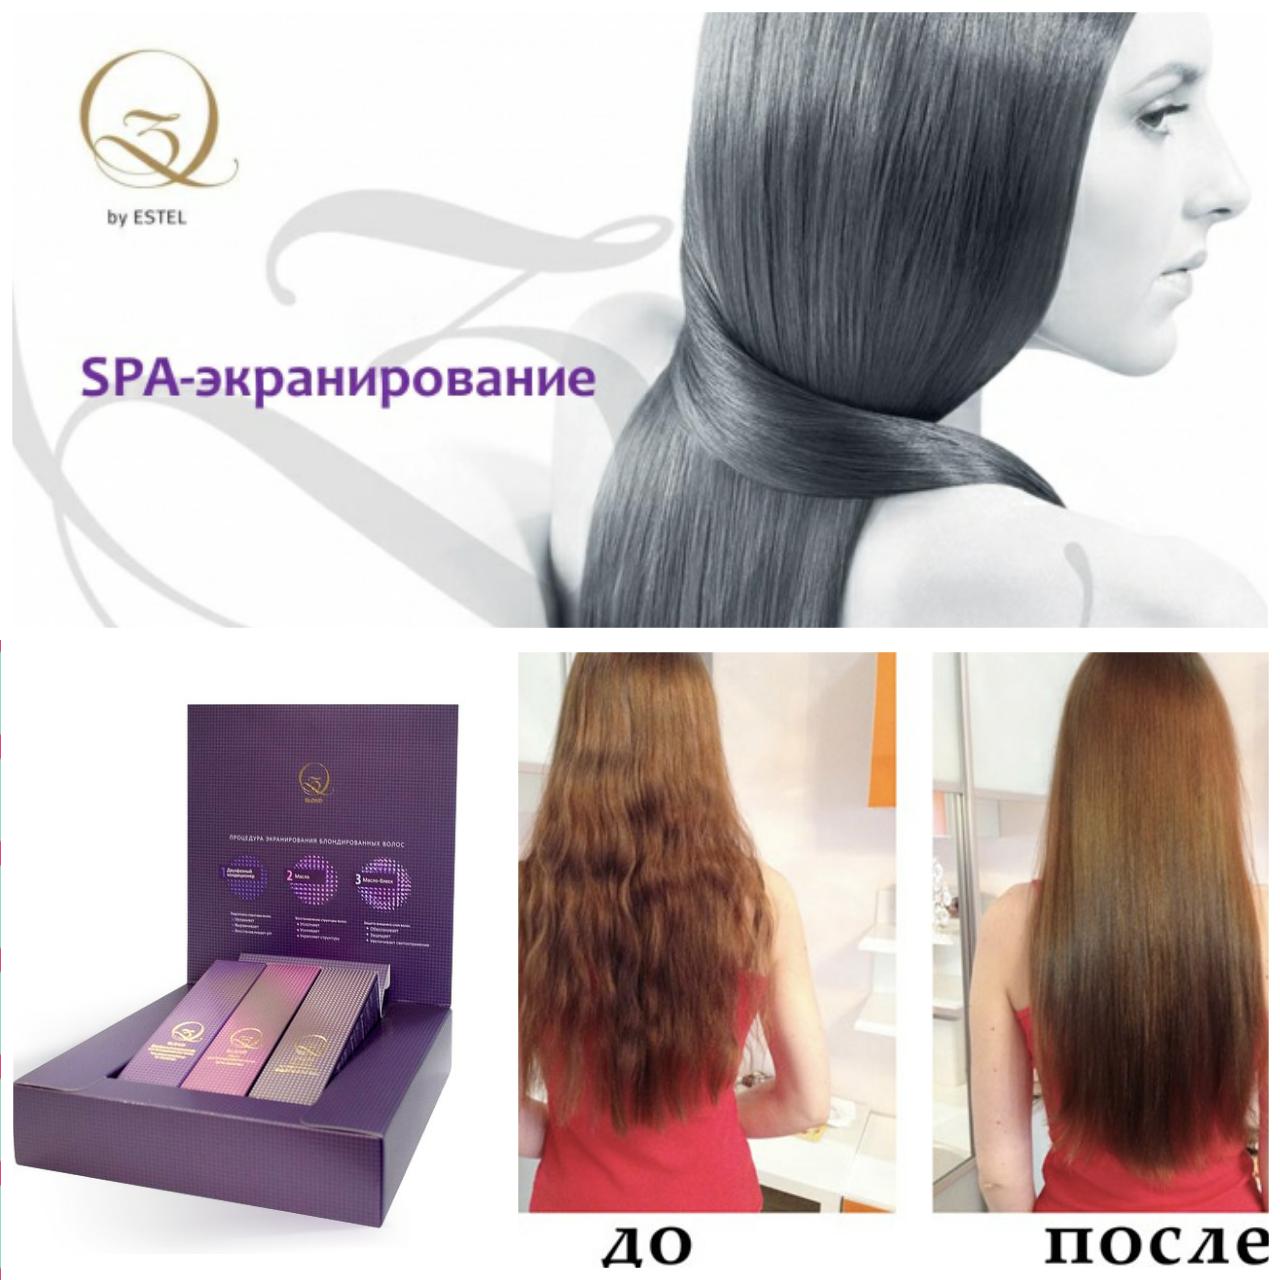 Экранирование, термокератин Estell, уход за волосами Olaplex от 10,50 руб.